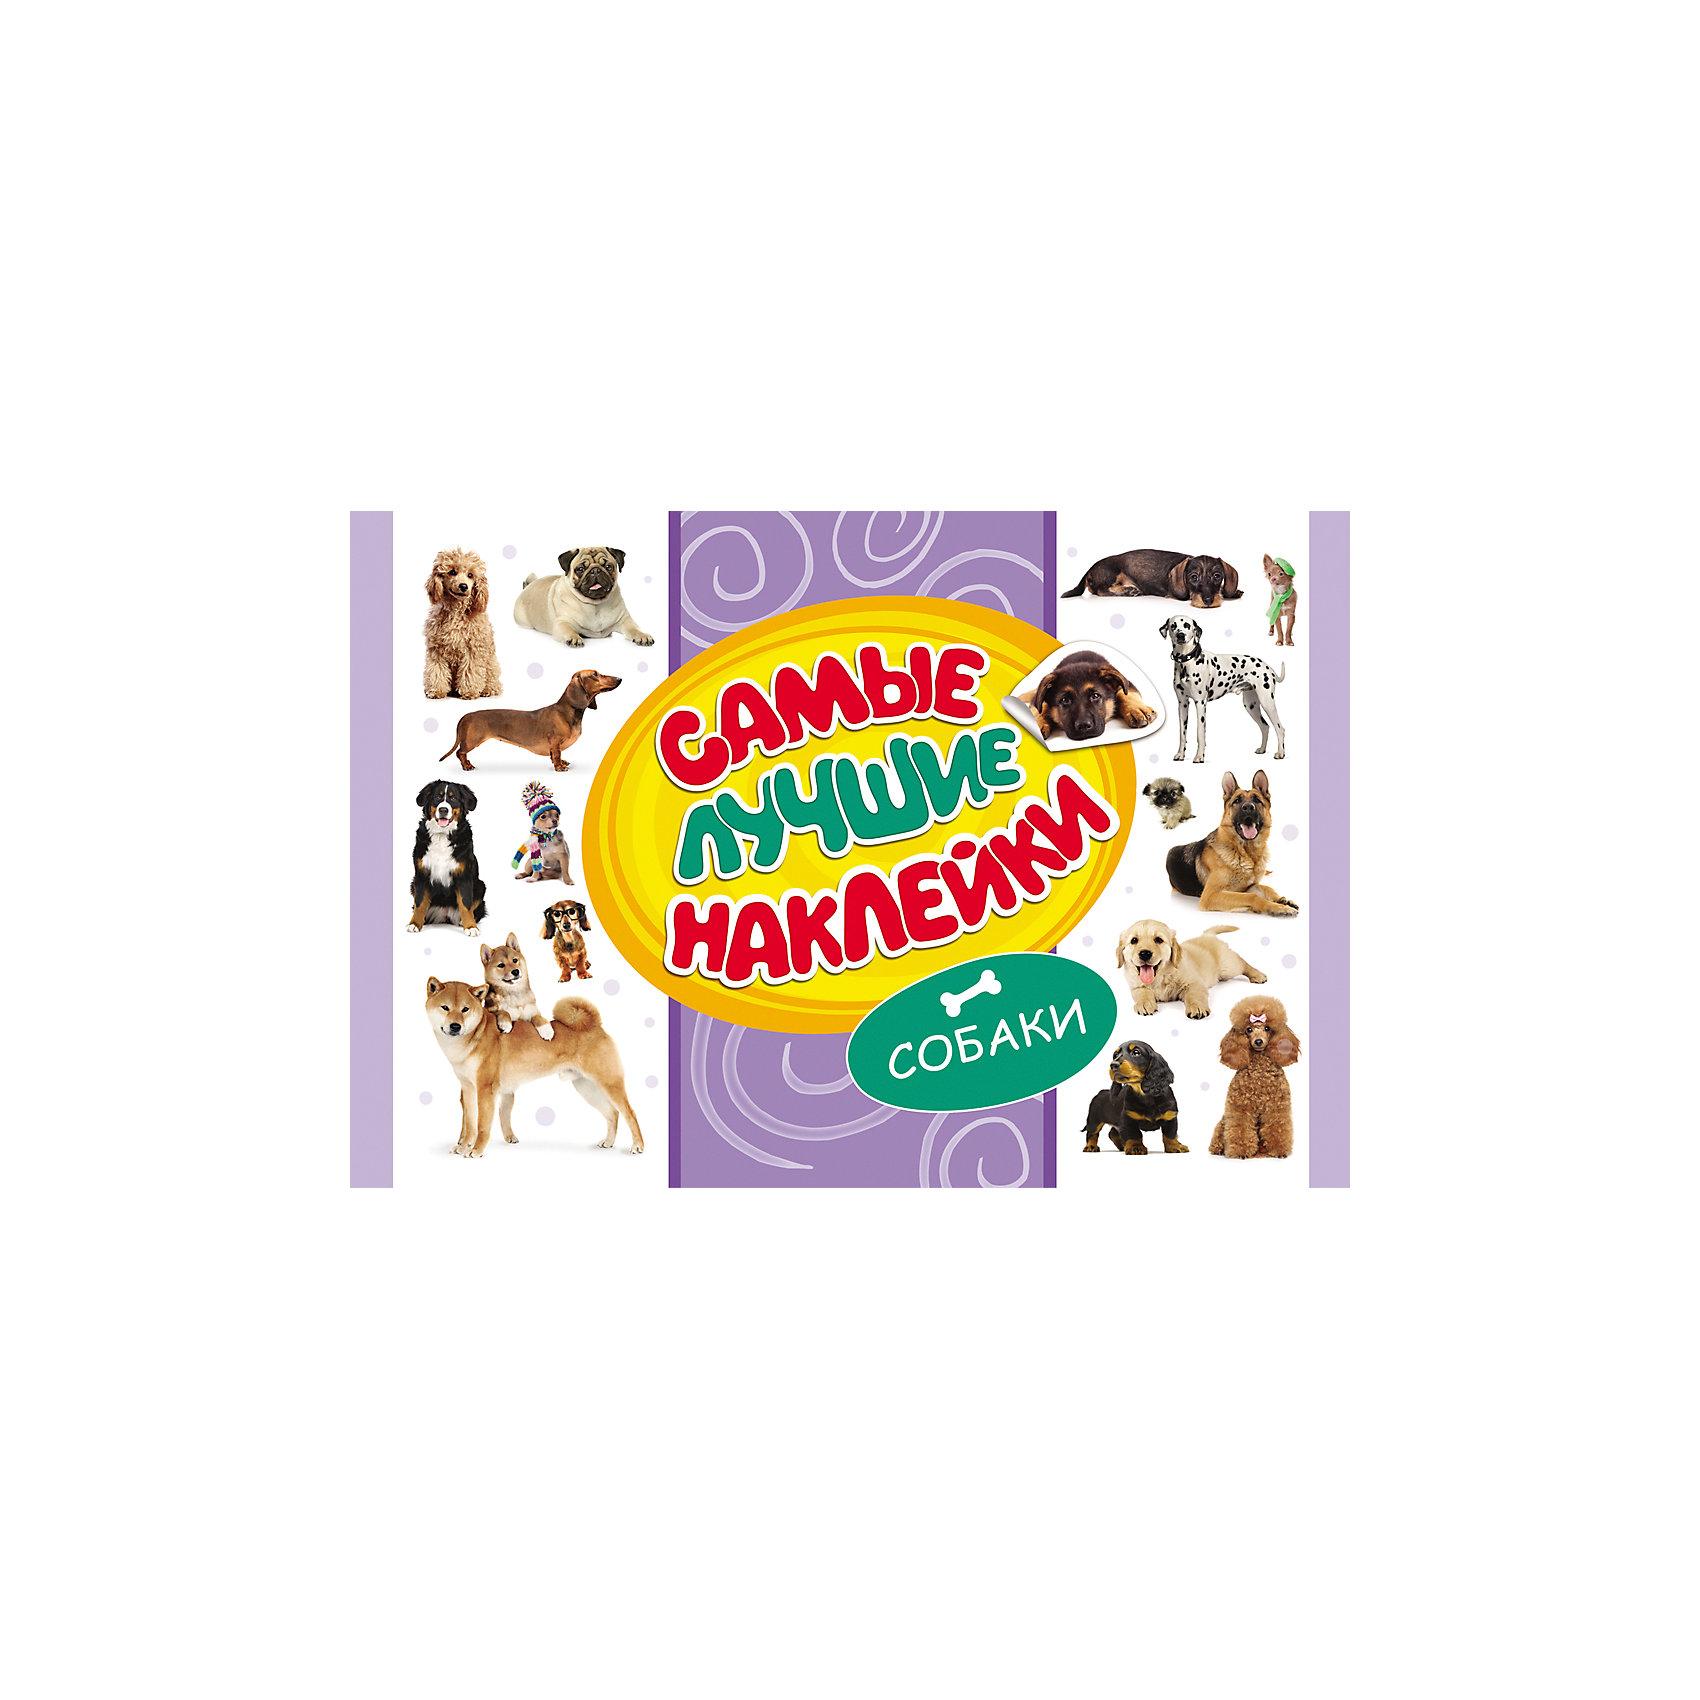 Росмэн Самые лучшие наклейки, Собаки (336 наклеек) детские наклейки росмэн самые лучшие наклейки мамы и малыши